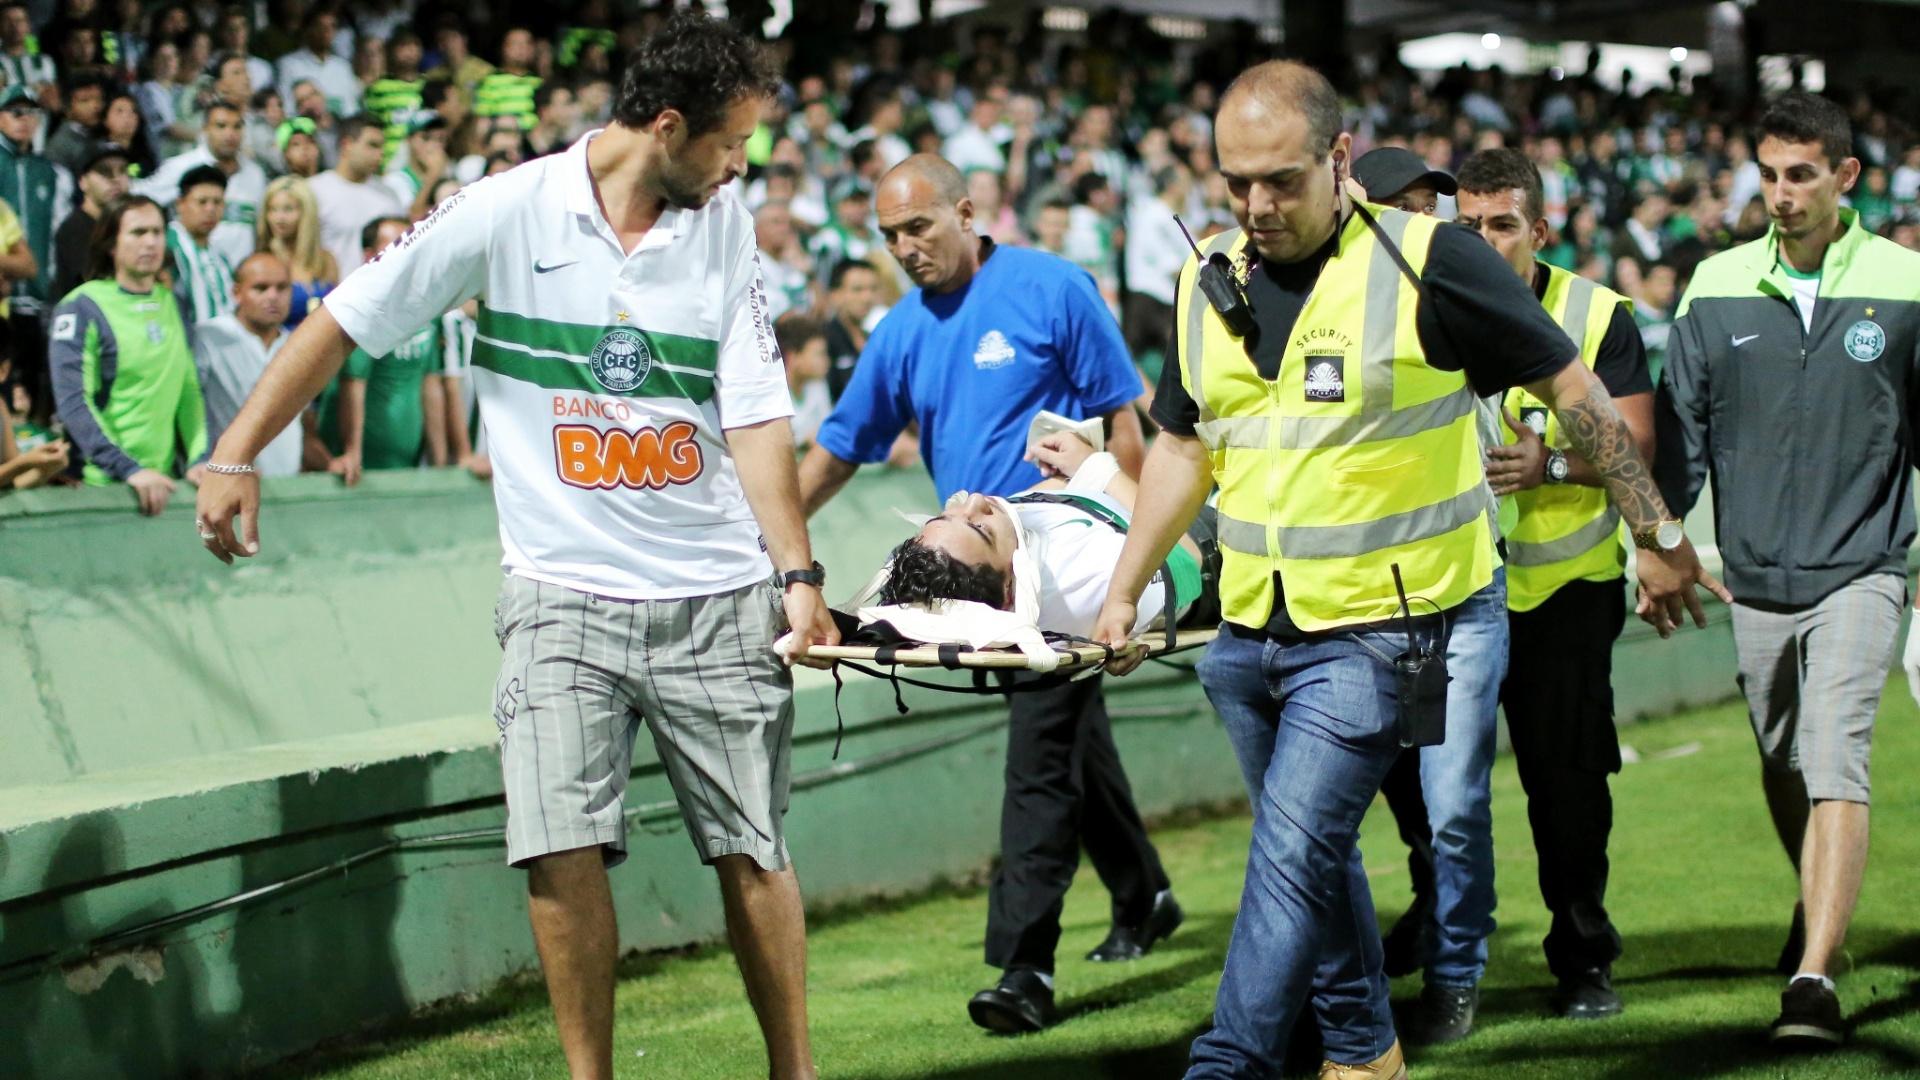 Torcedor do Coritiba deixa estádio Couto Pereira carregado numa maca